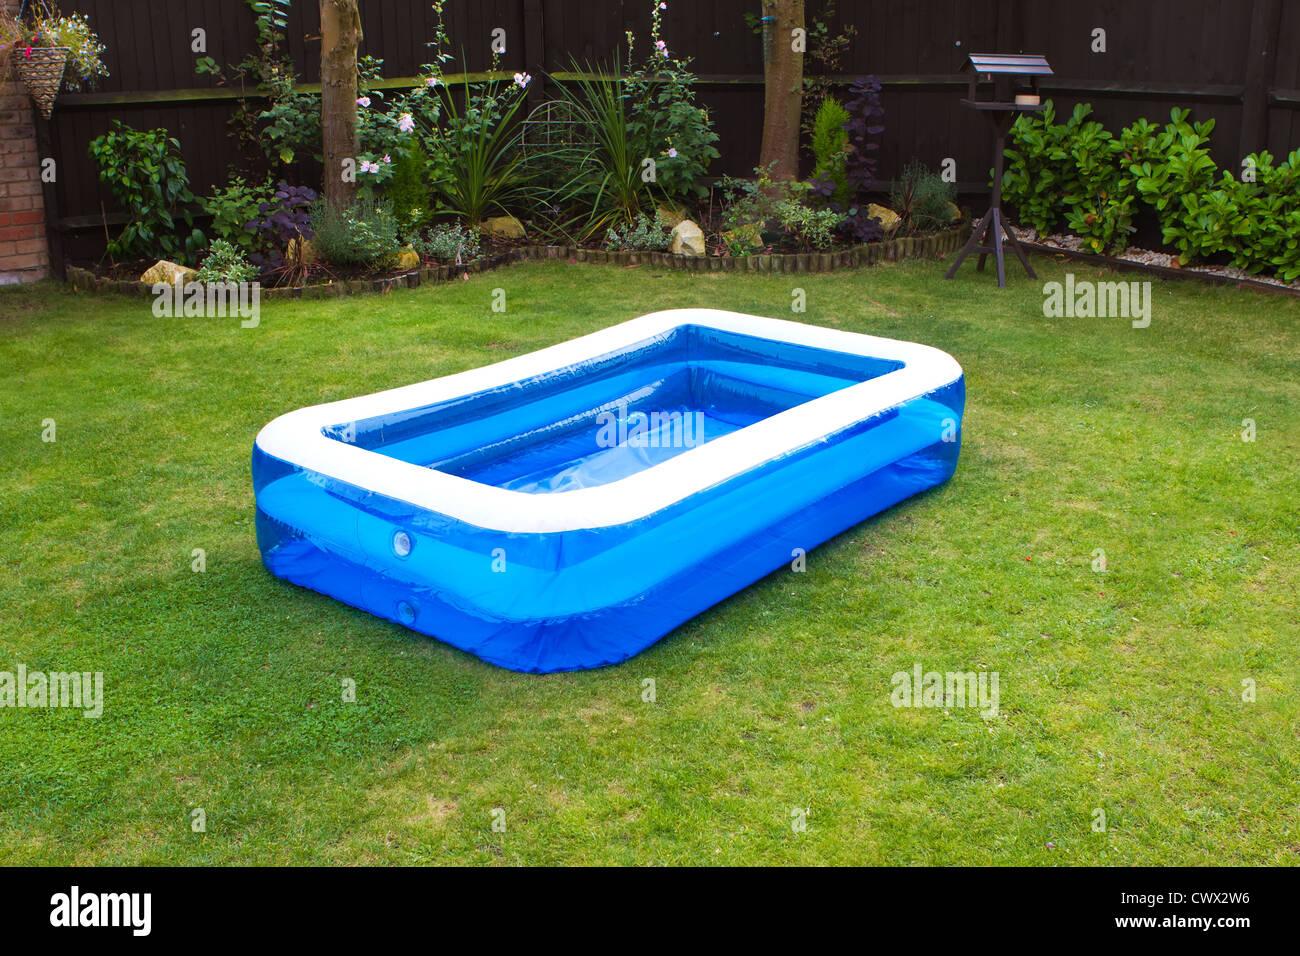 ein aufblasbarer swimmingpool in einem englischen garten stockfoto